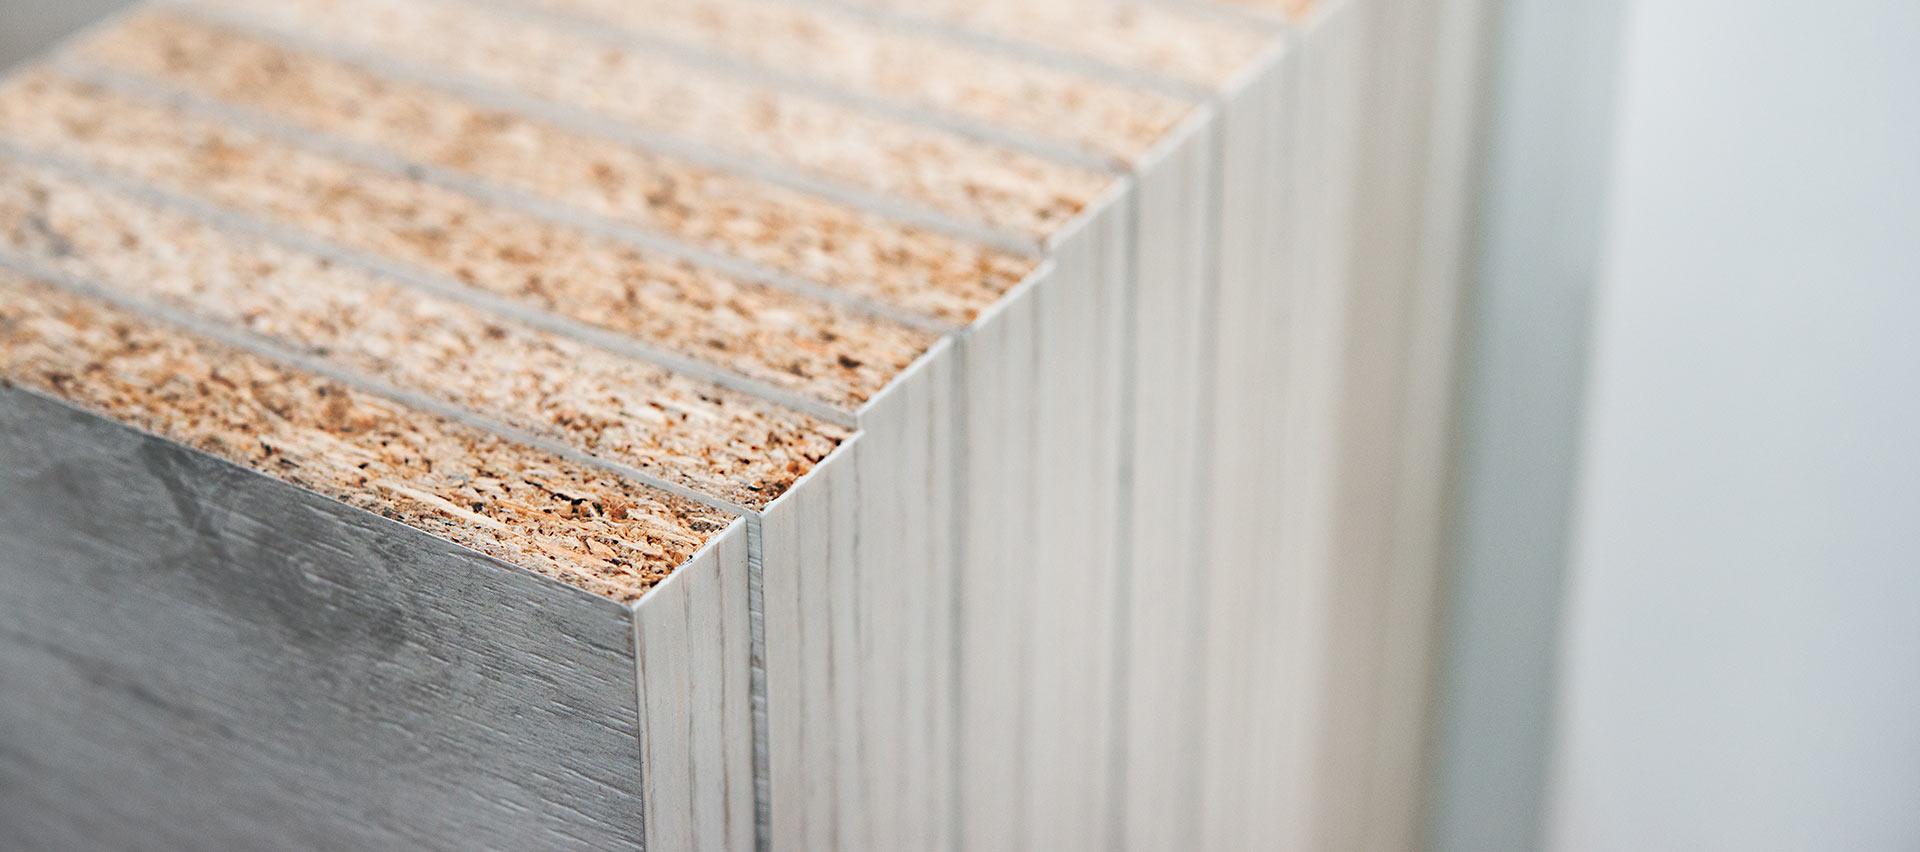 Bauen mit grauen Spanplatten von Holz-Hauff in Leingarten